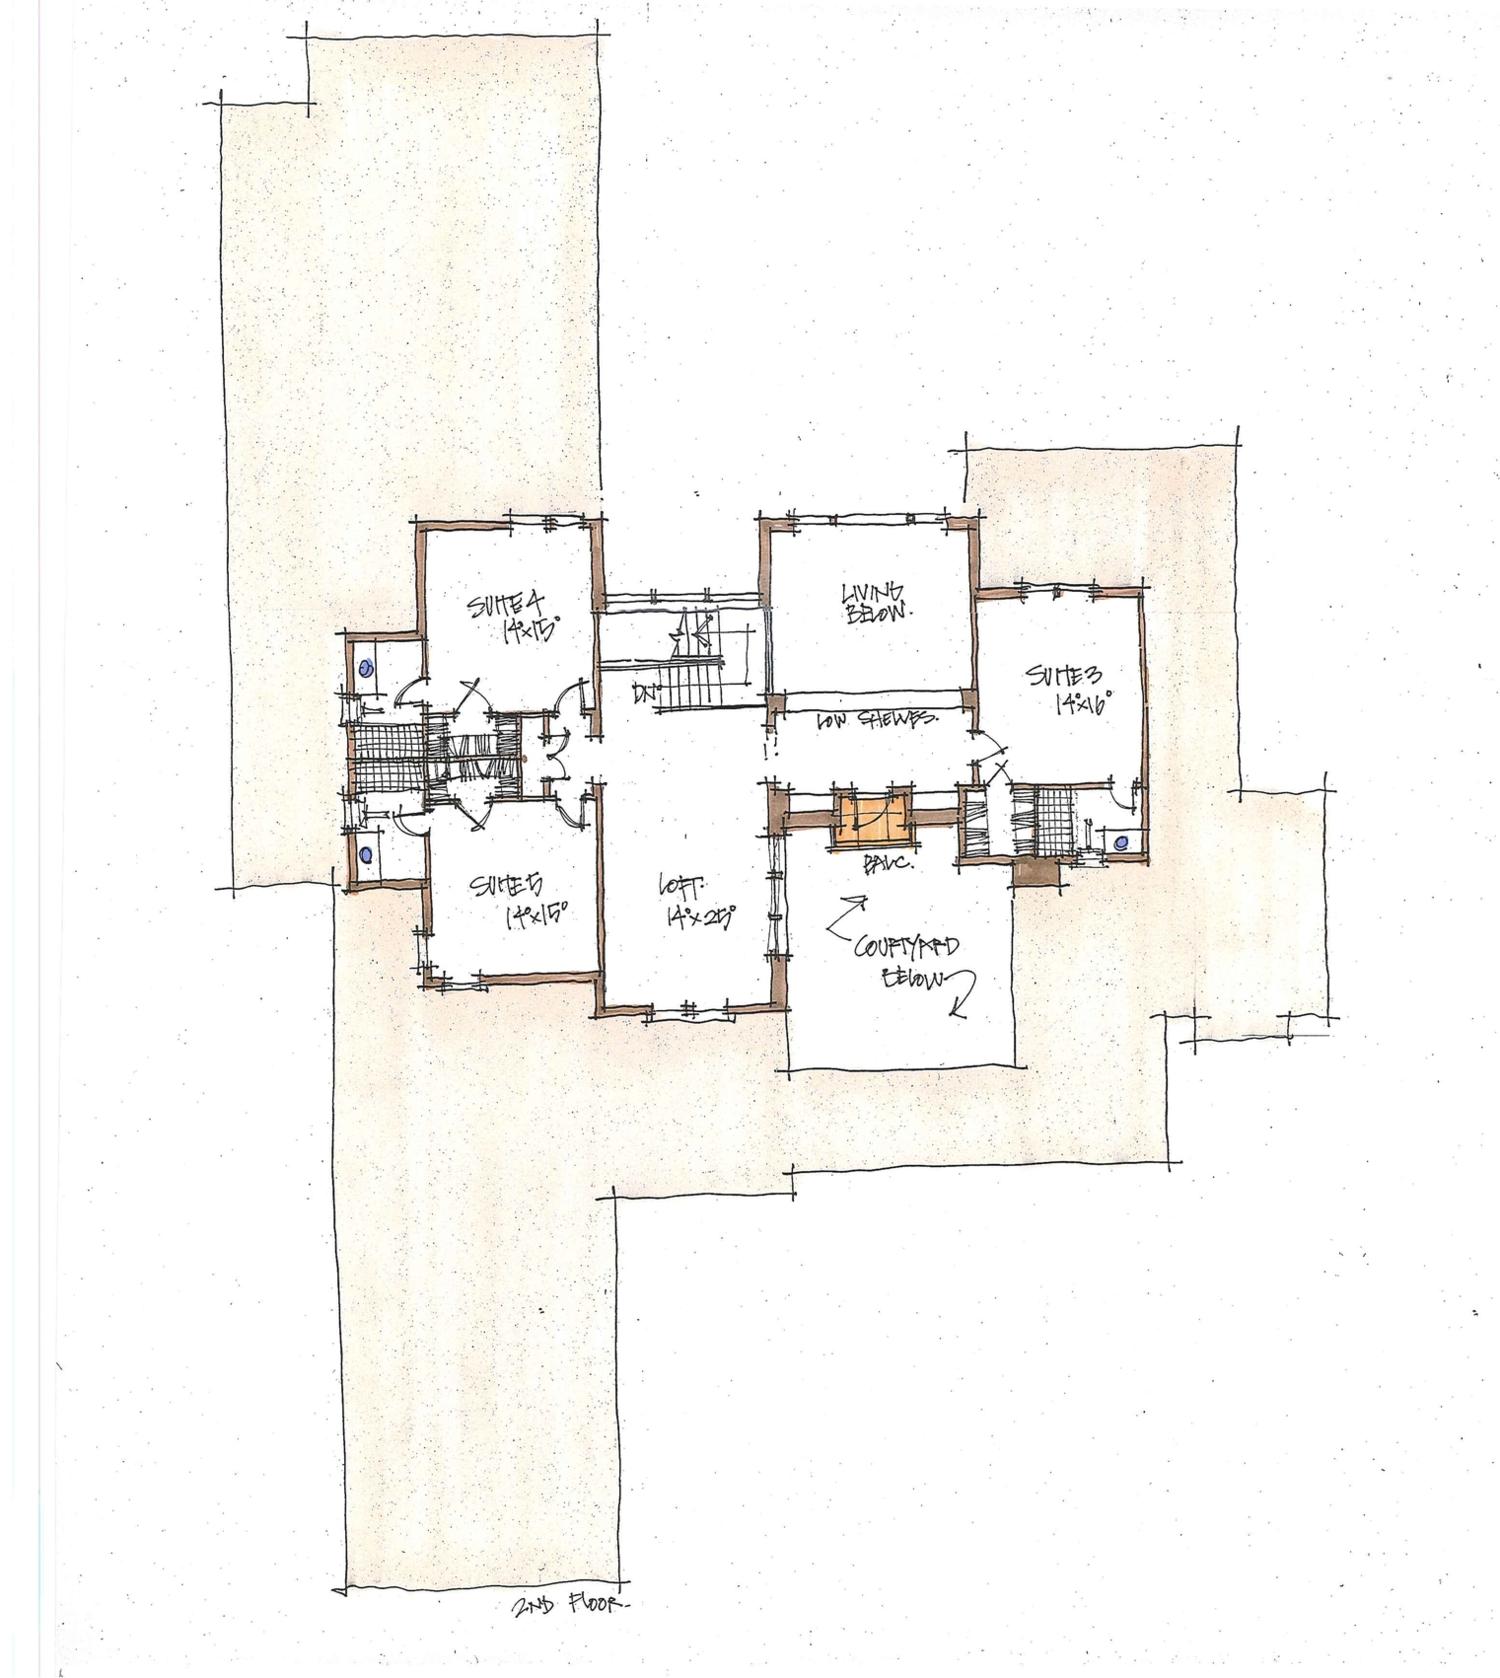 delong color floor.png